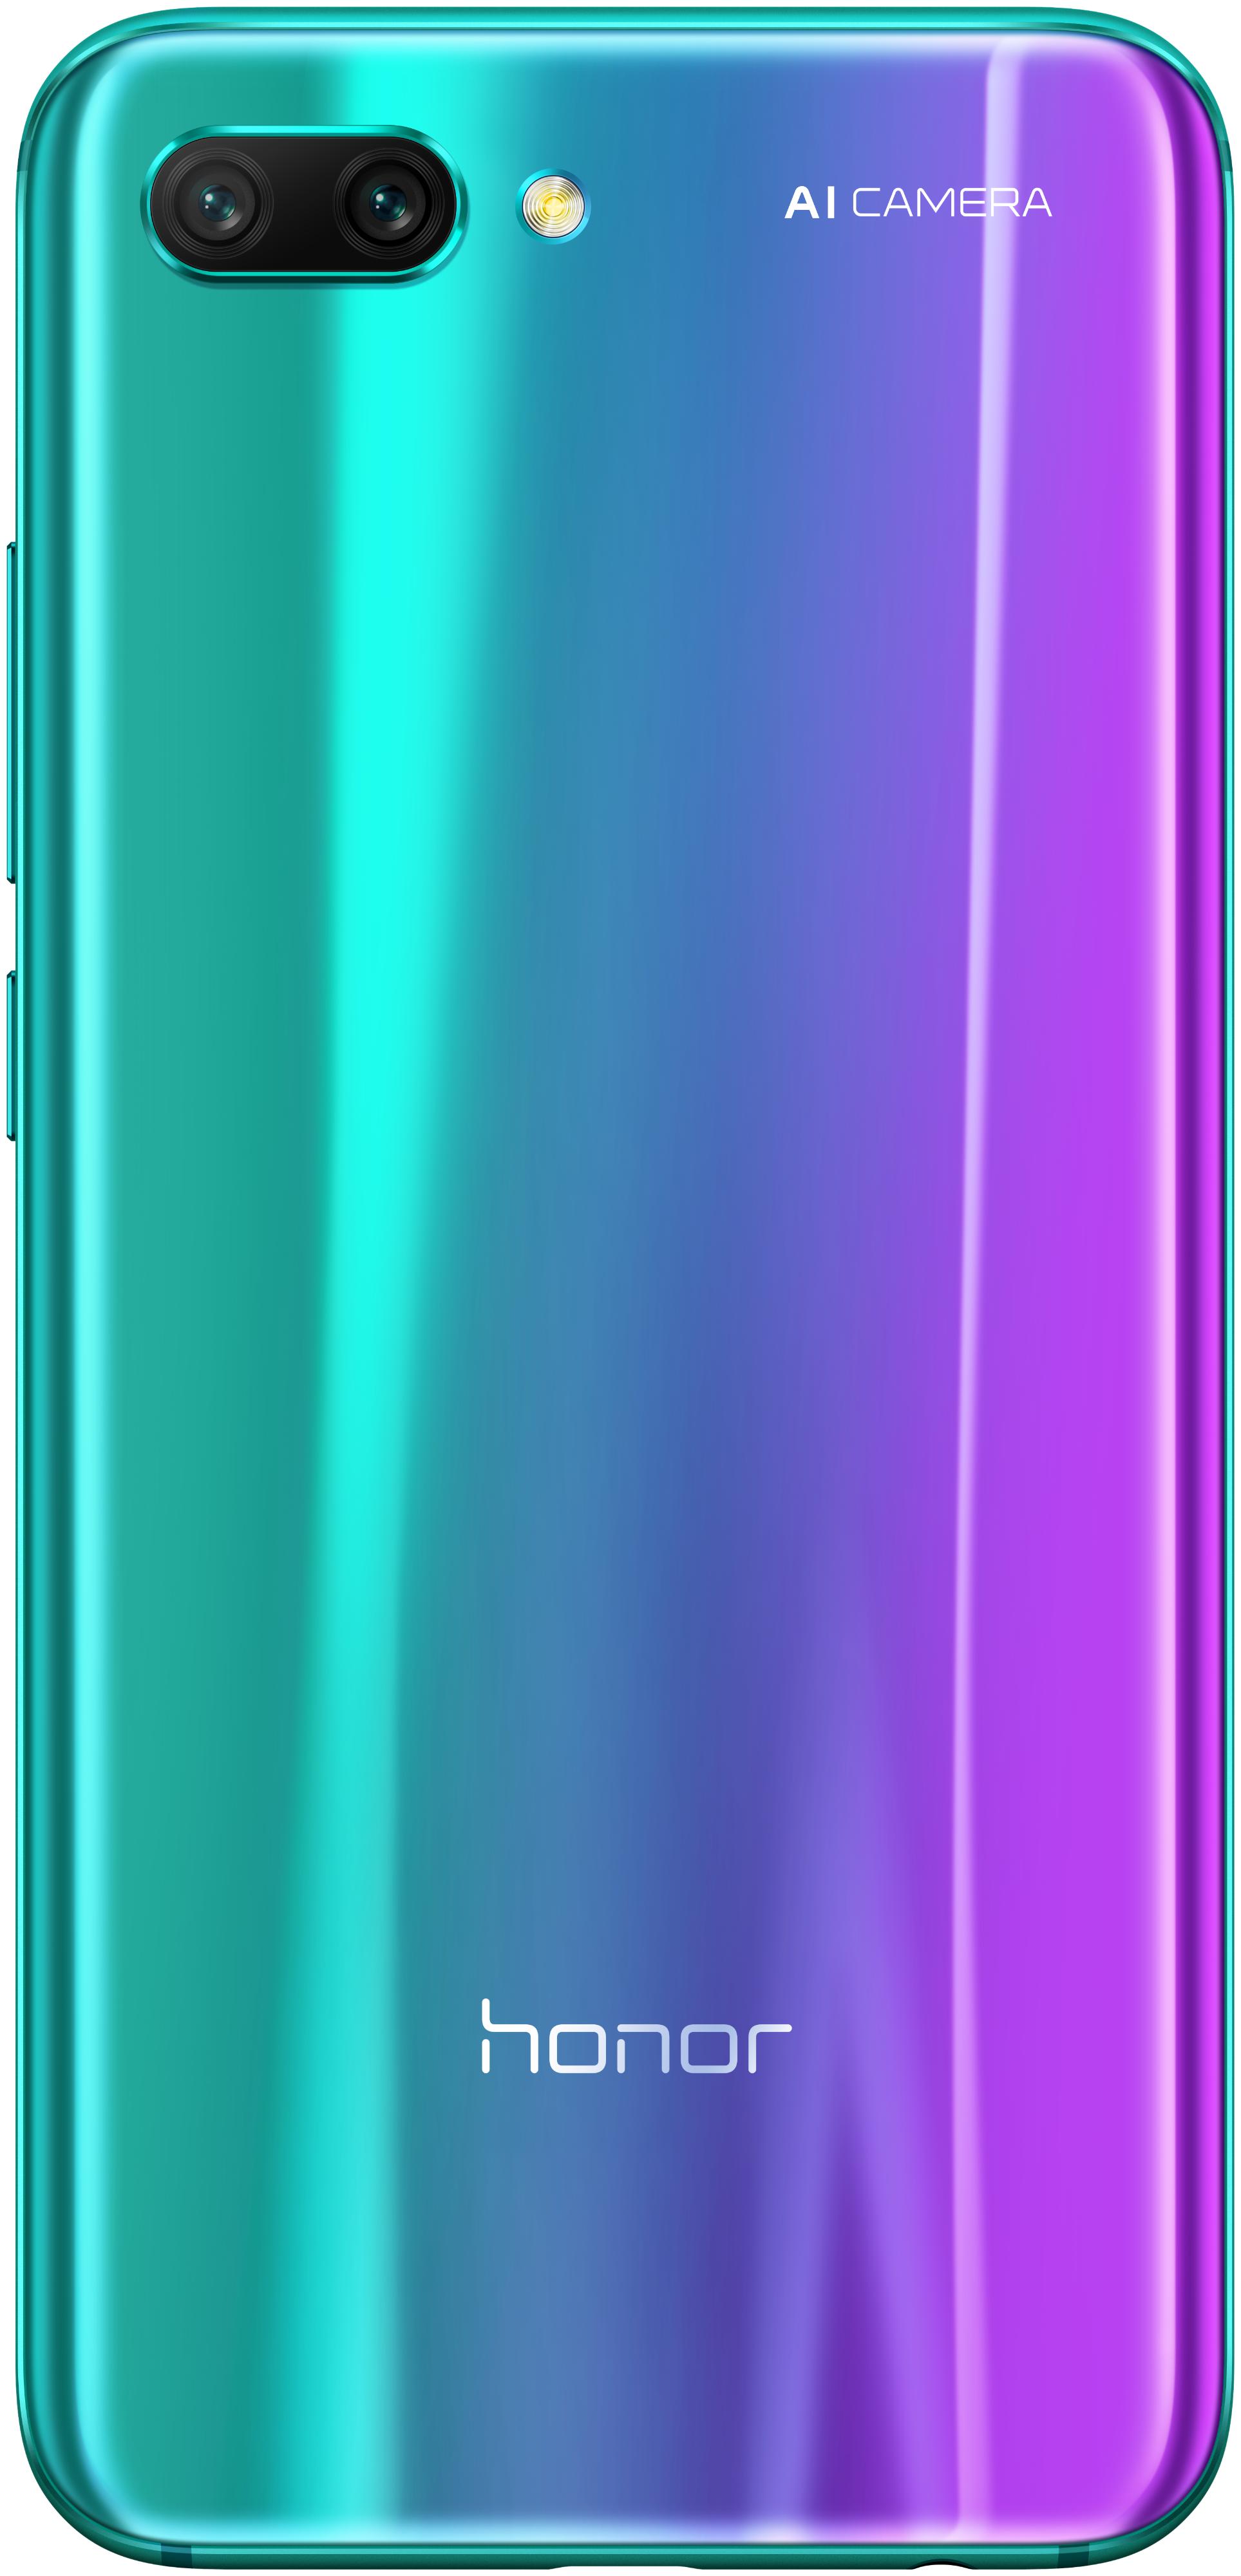 HONOR 10 4/64GB - оперативная память: 4ГБ